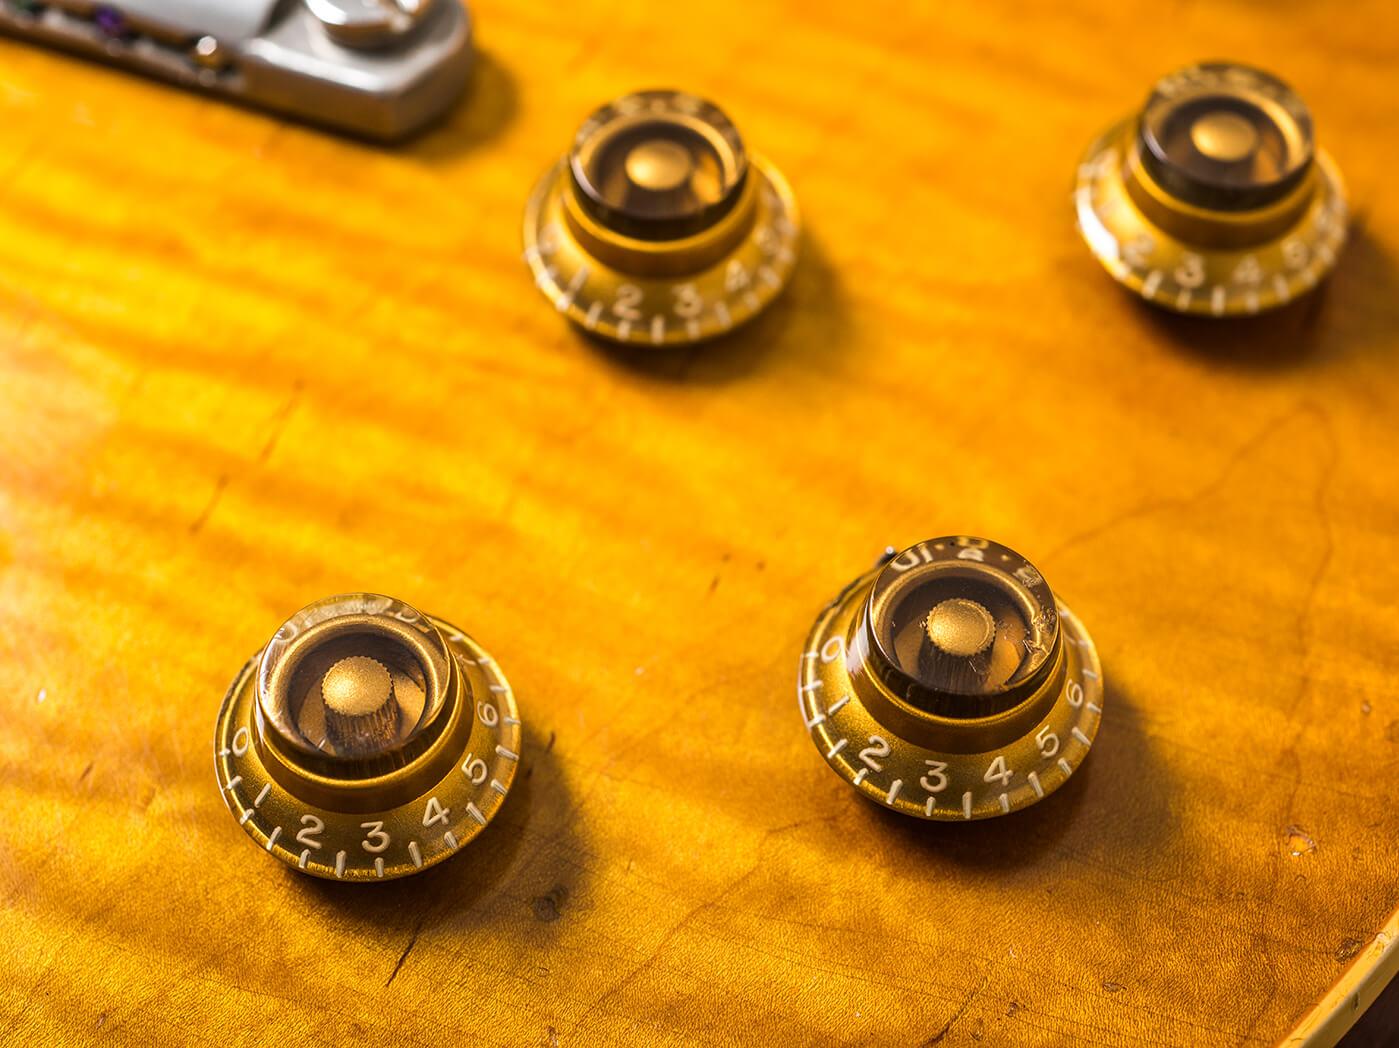 Gary Richrath 1959 Gibson Les Paul control knobs group shot